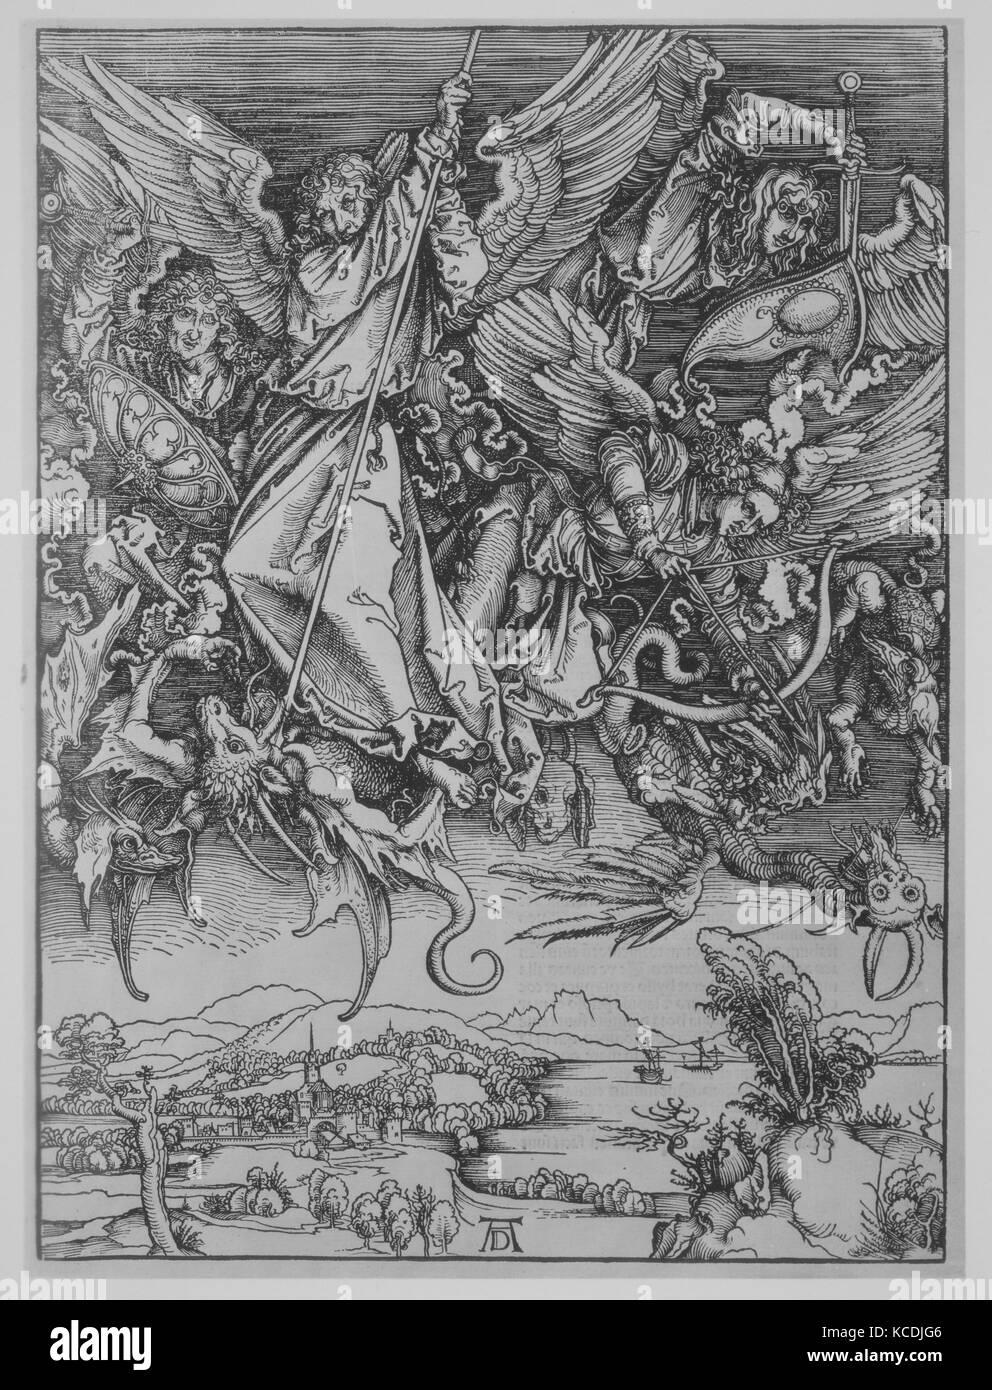 Apocalypsis cu Figuris, 1511, Woodcuts, 18 1/8 × 12 5/8 × 1/2 in. (46 × 32 × 1.3 cm), Books - Stock Image